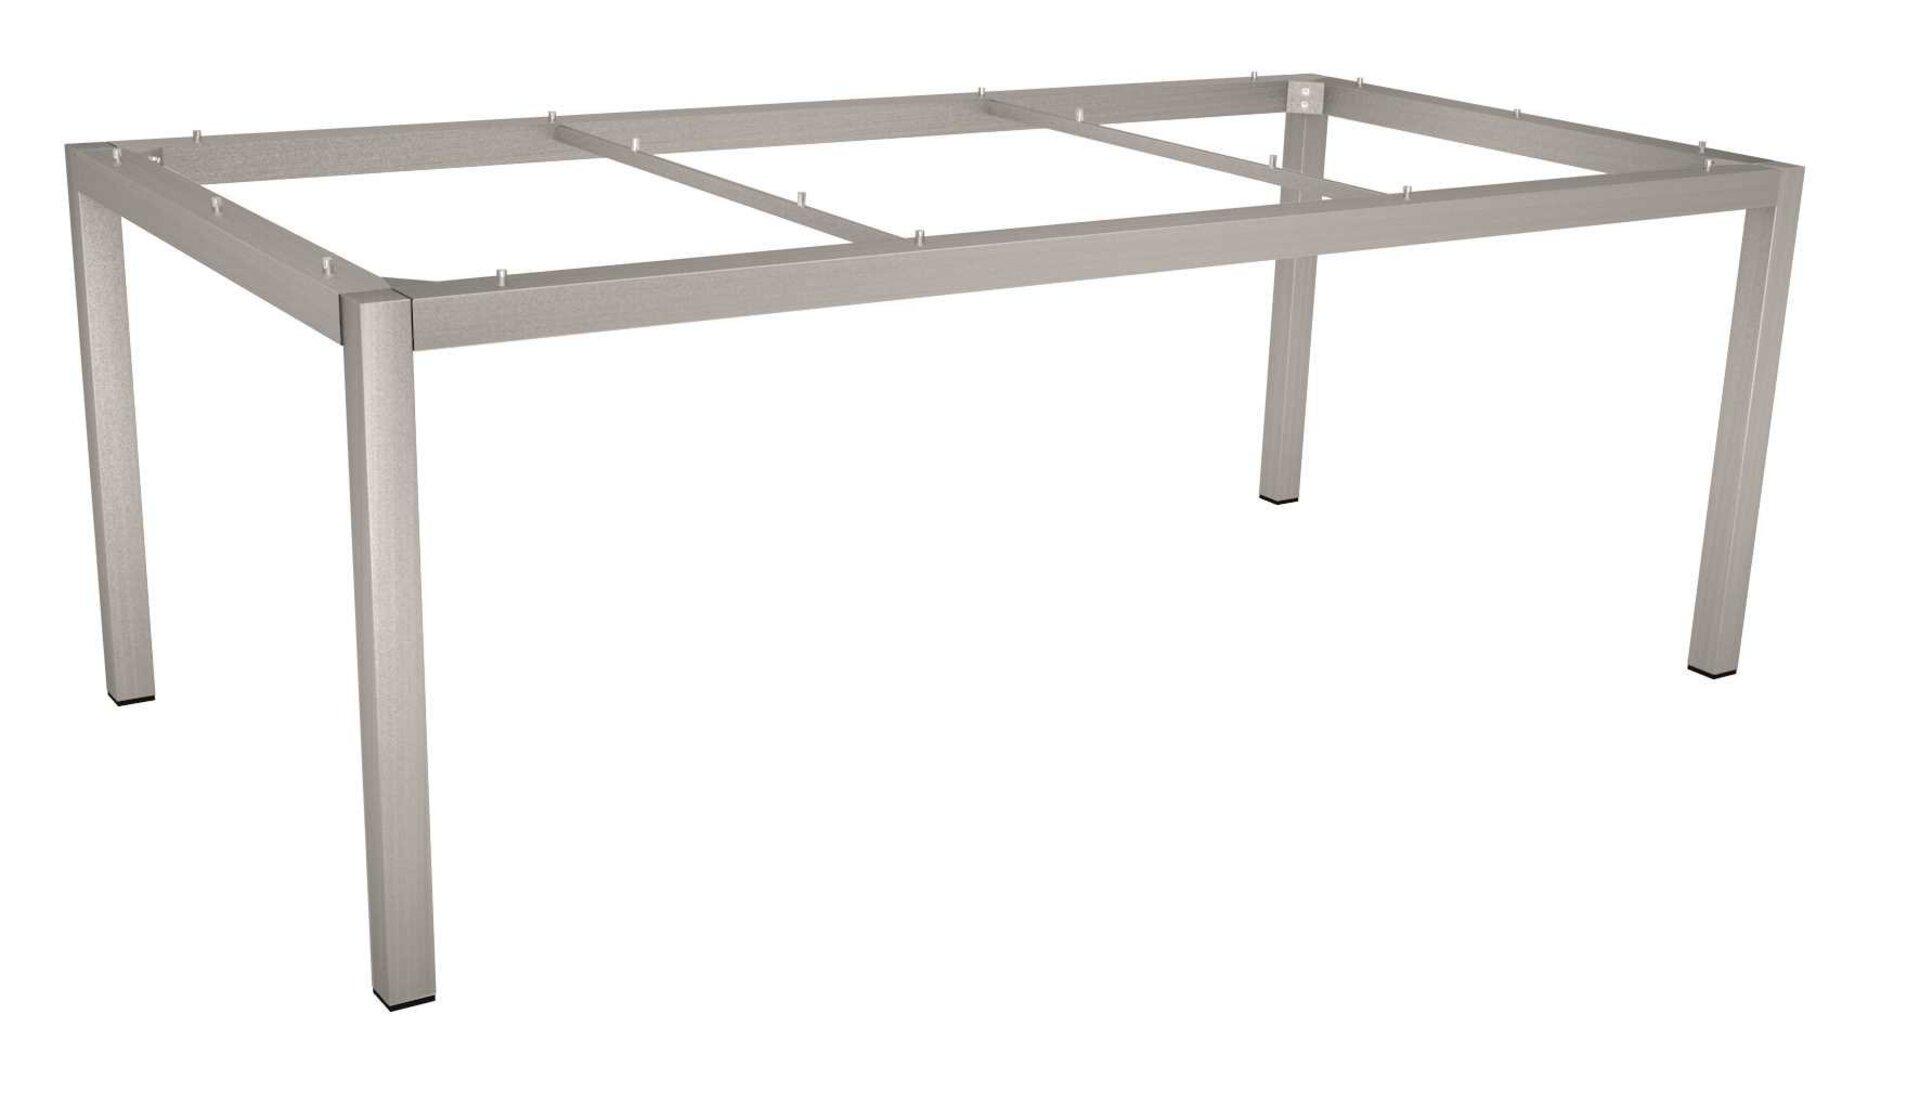 Tischgestell Tischgestelle Stern Garten- und Freizeitmöbel Metall silber 90 x 72 x 160 cm